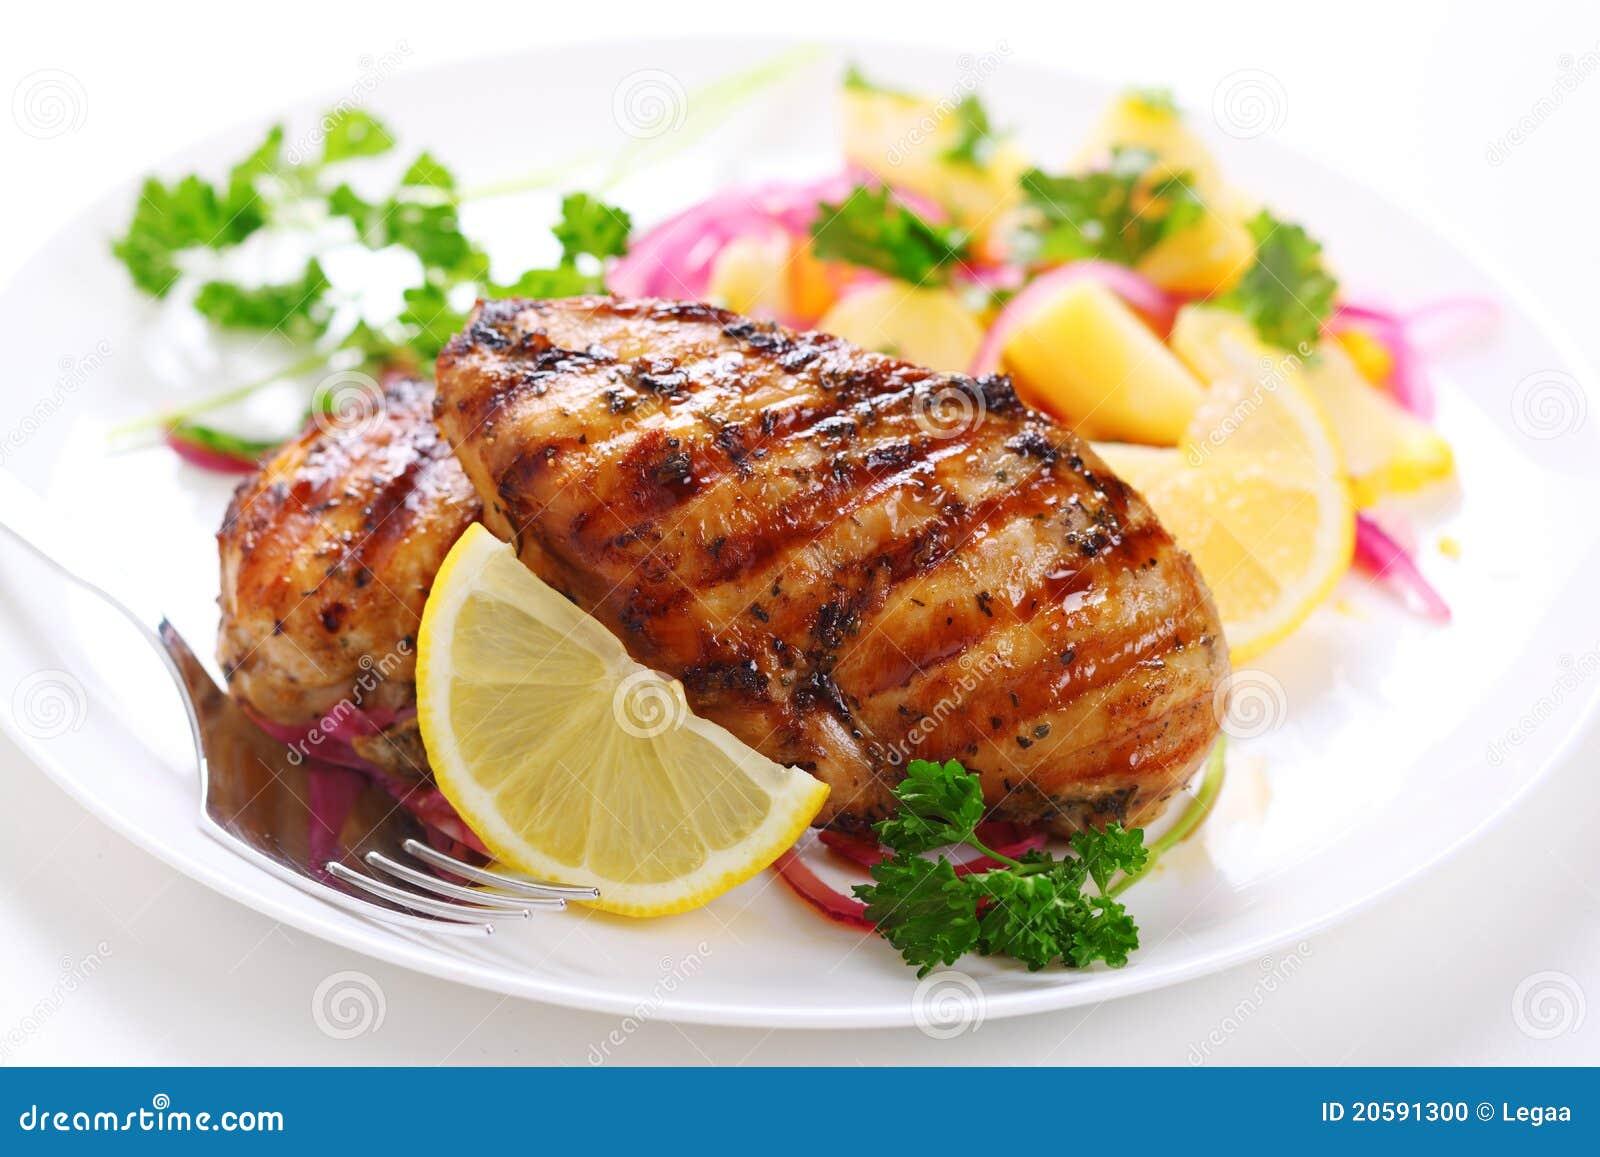 Pecho de pollo asado a la parilla